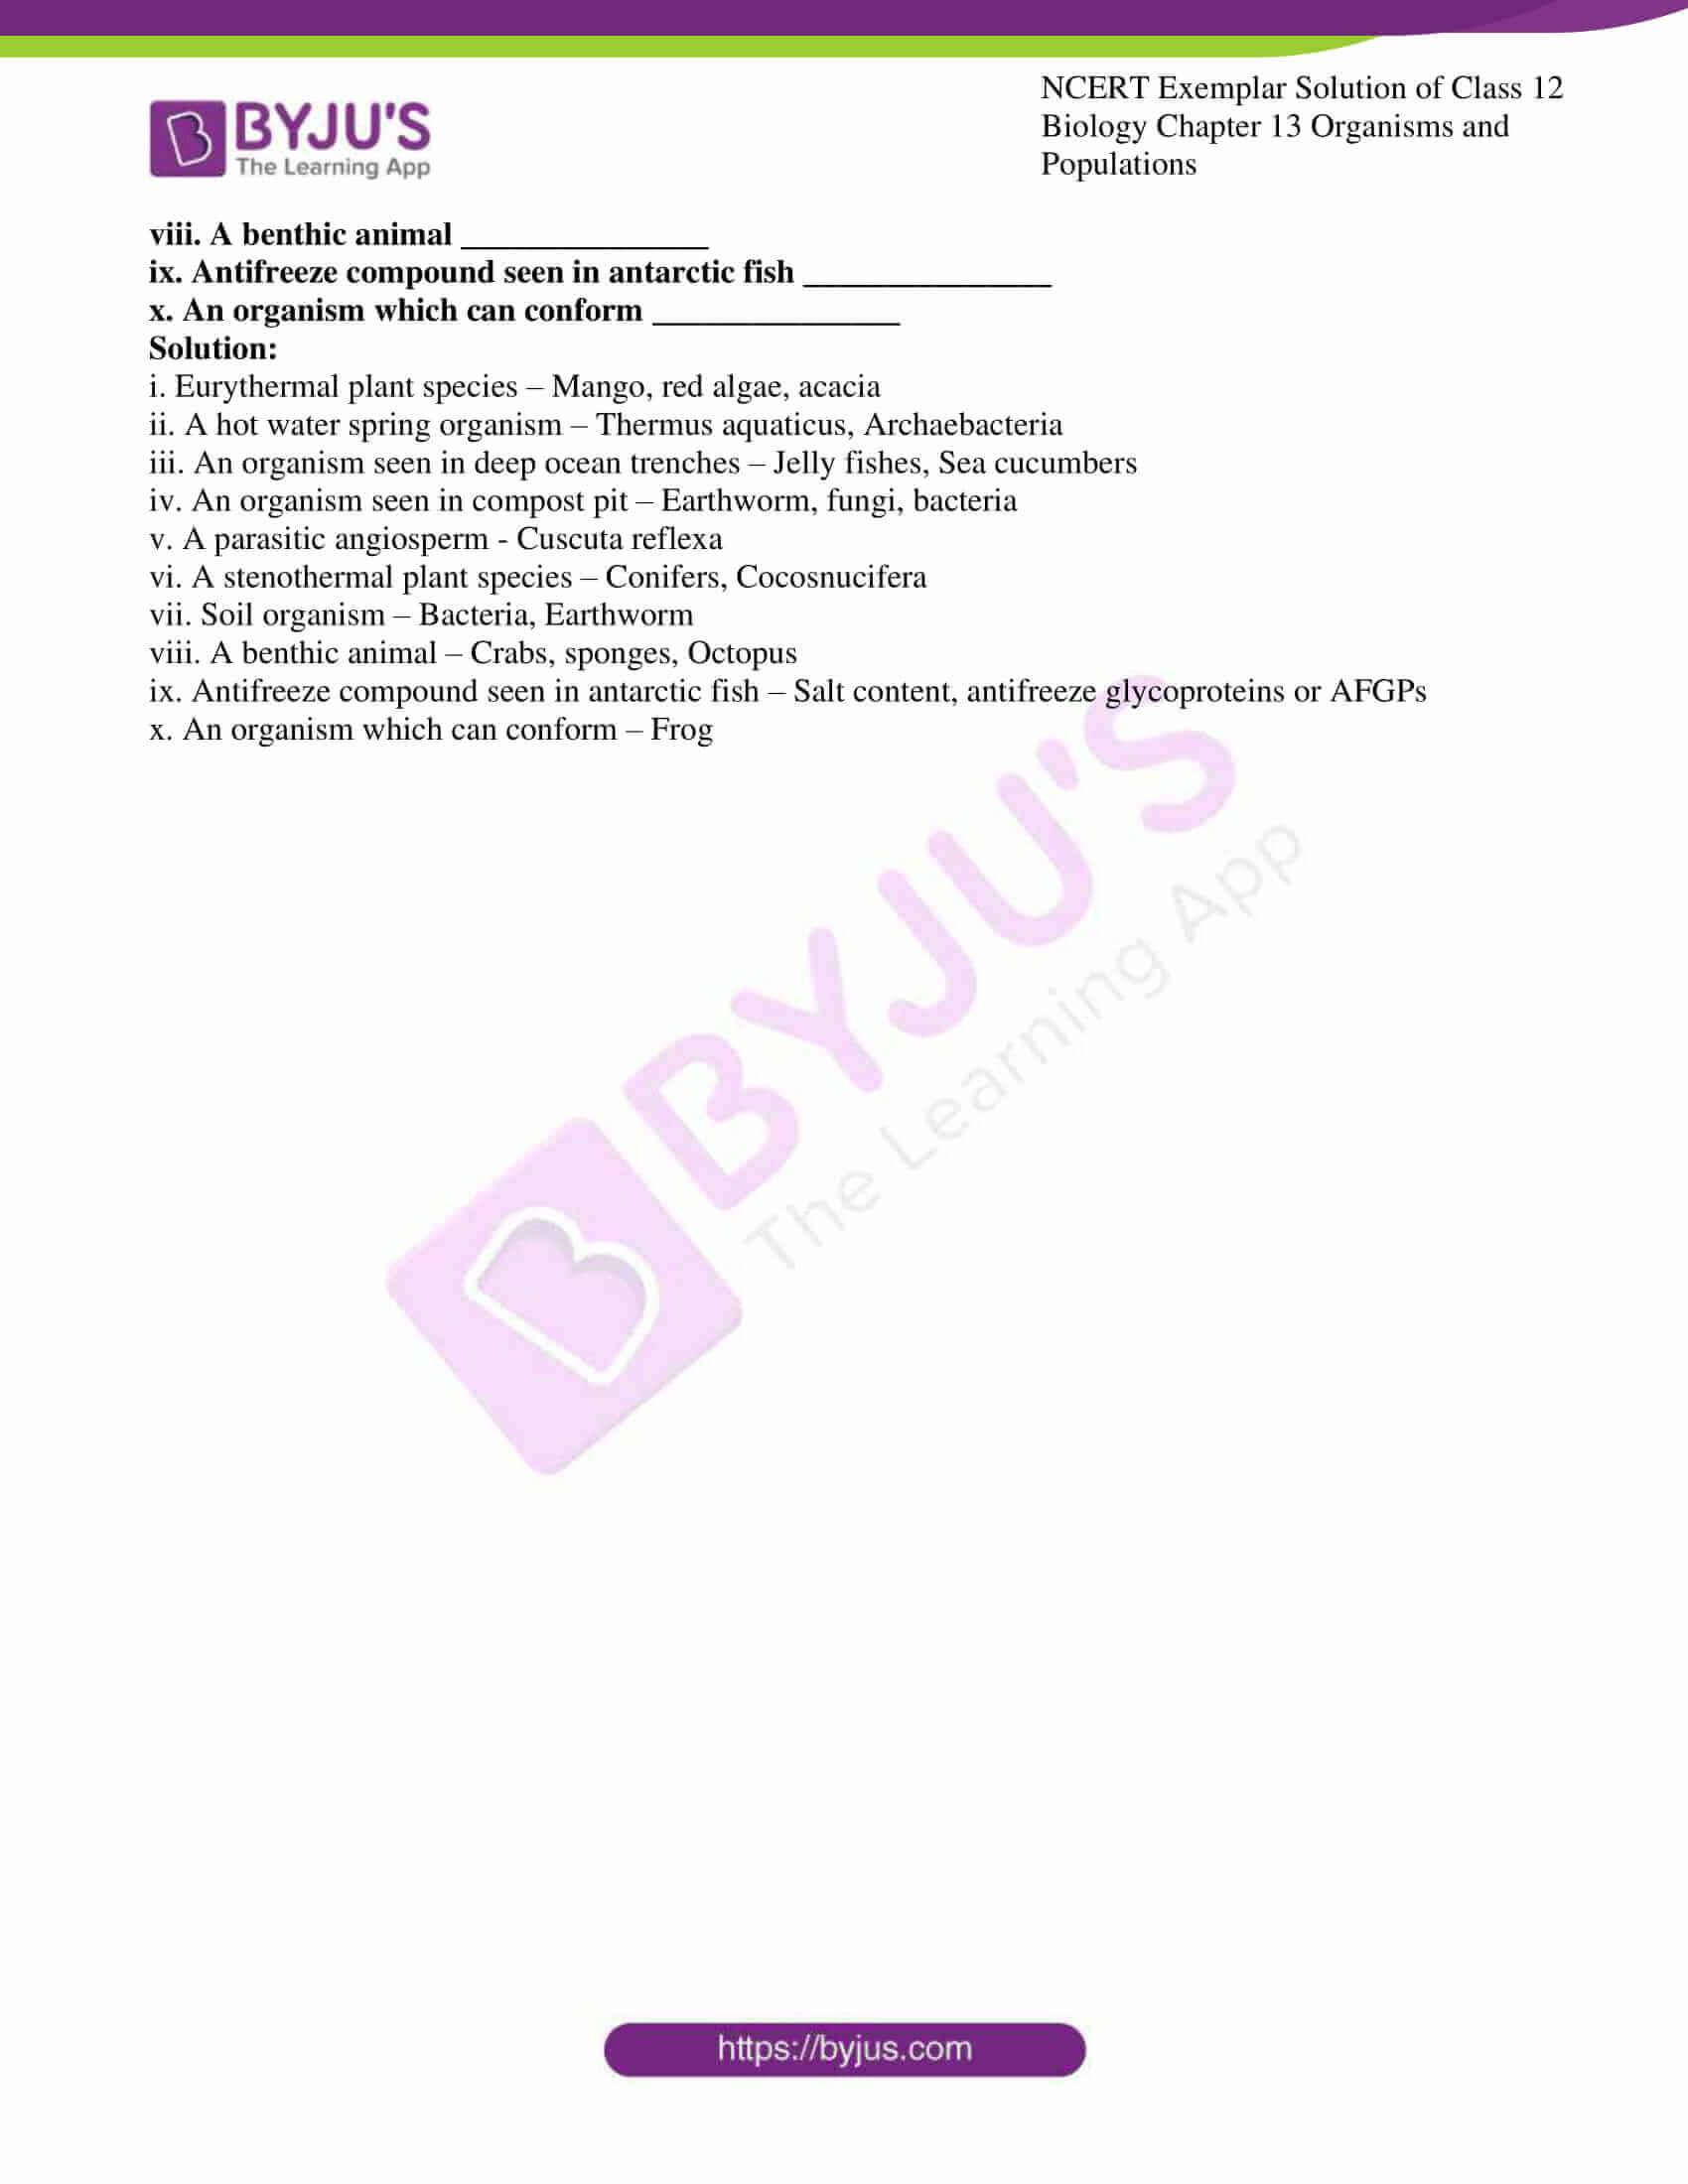 ncert exemplar solution of class 12 biology chapter 13 16